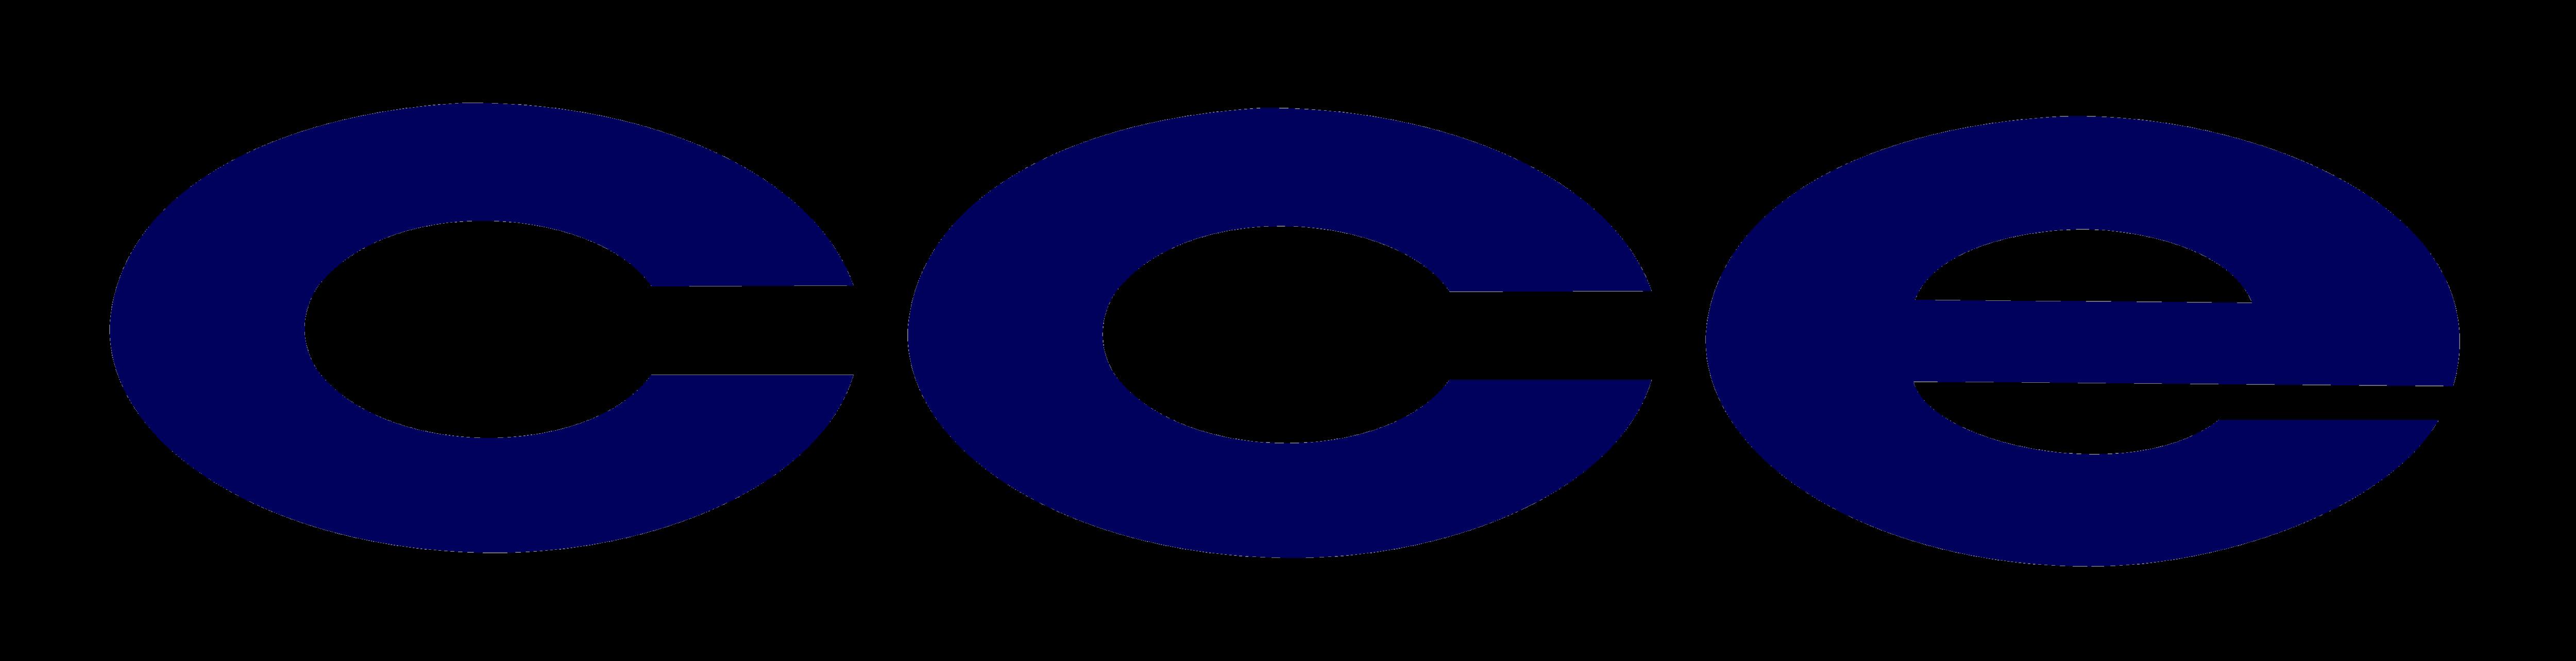 CCE logo 1 - CCE Logo